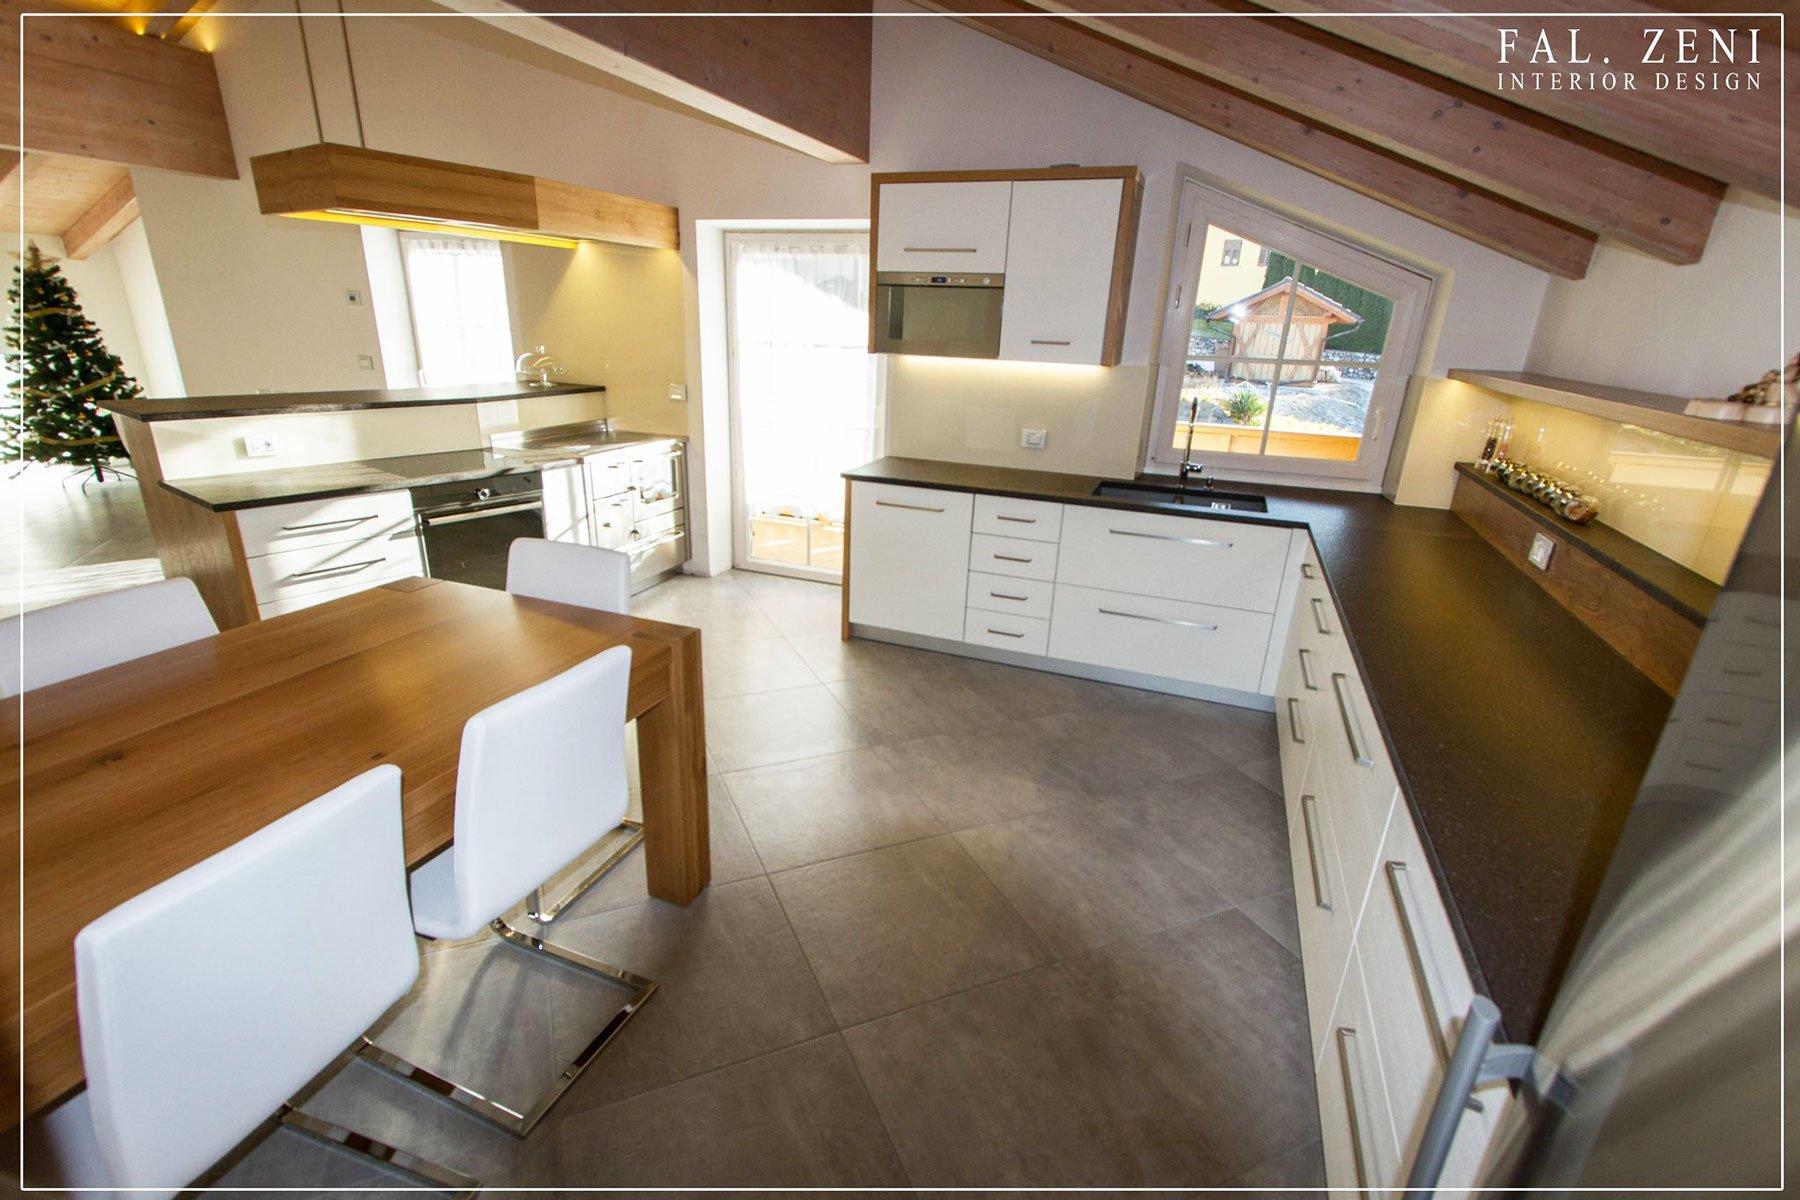 Cucina moderna/minimal con tavolo in legno